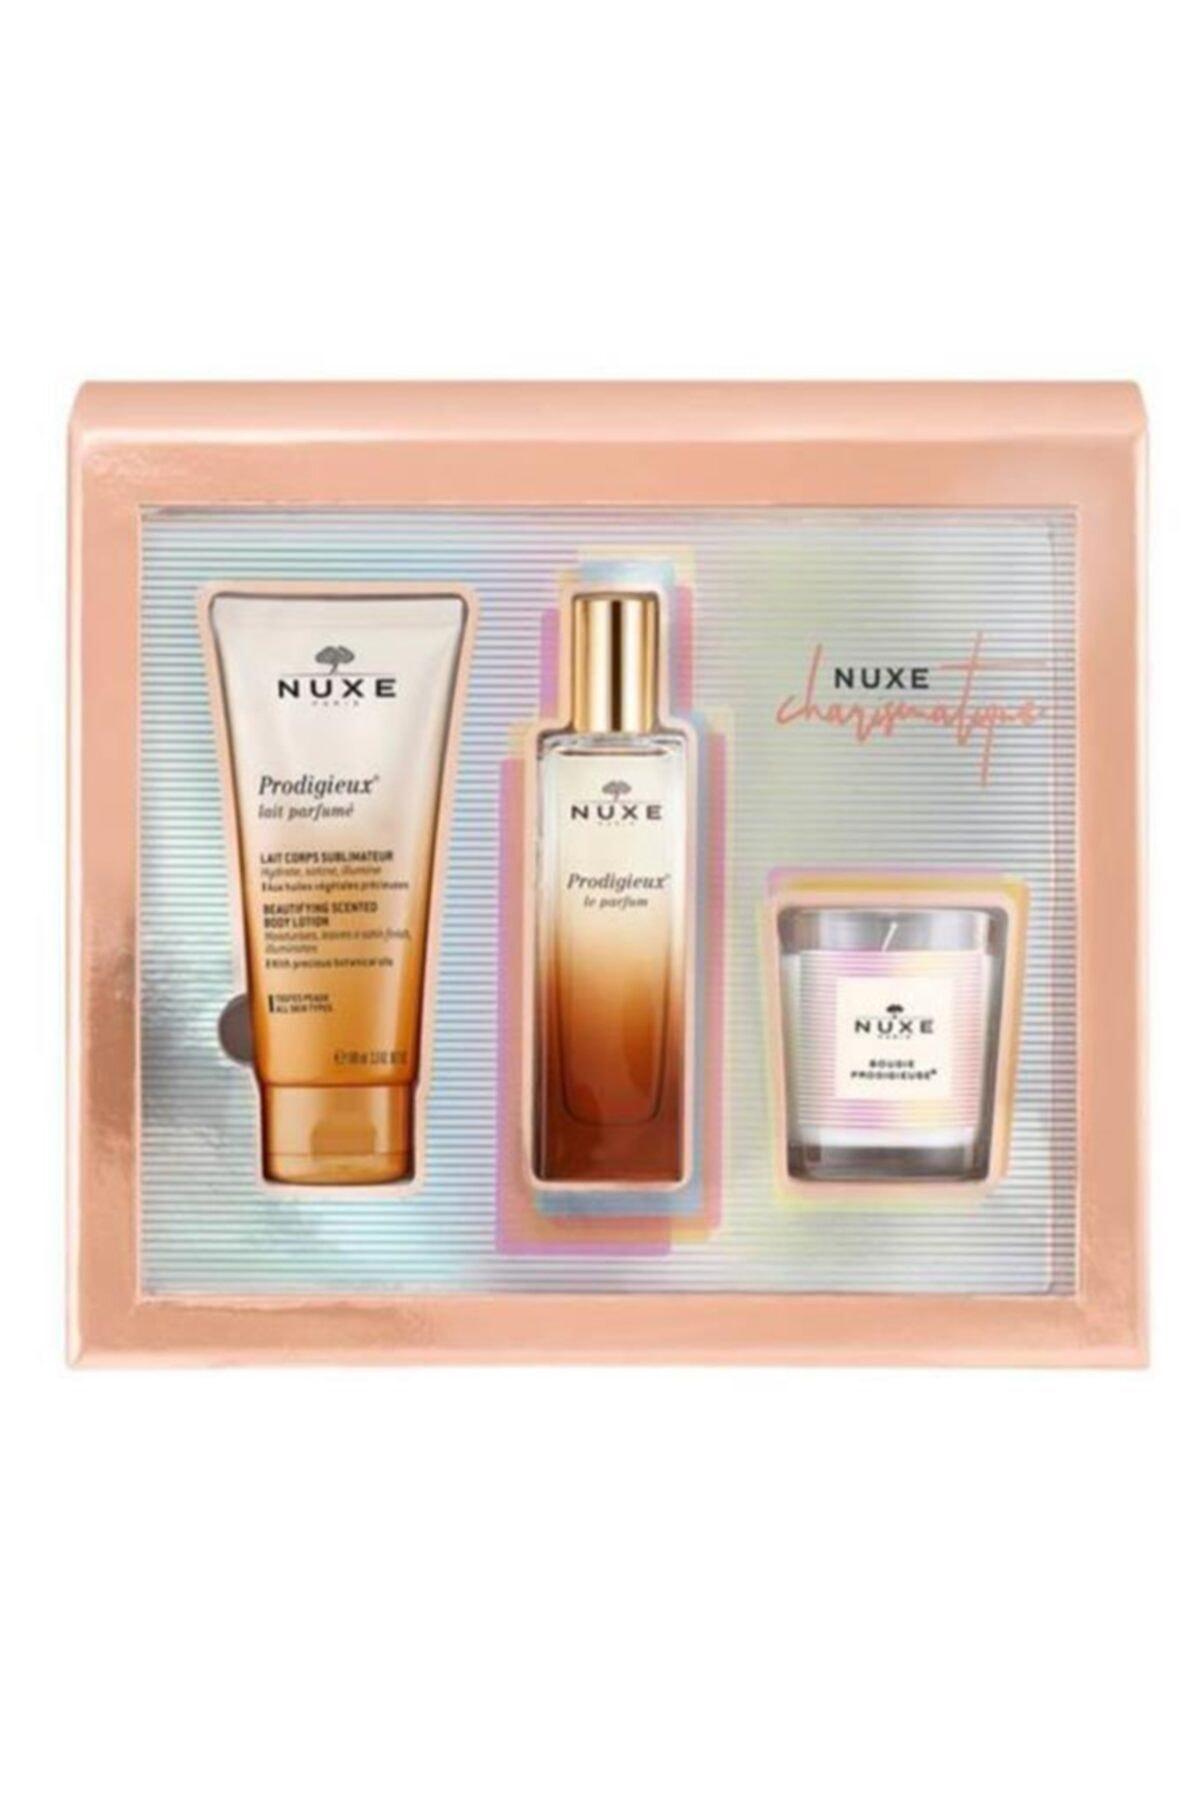 Nuxe Prodigieux Le Parfum Edp 50 ml Set 1